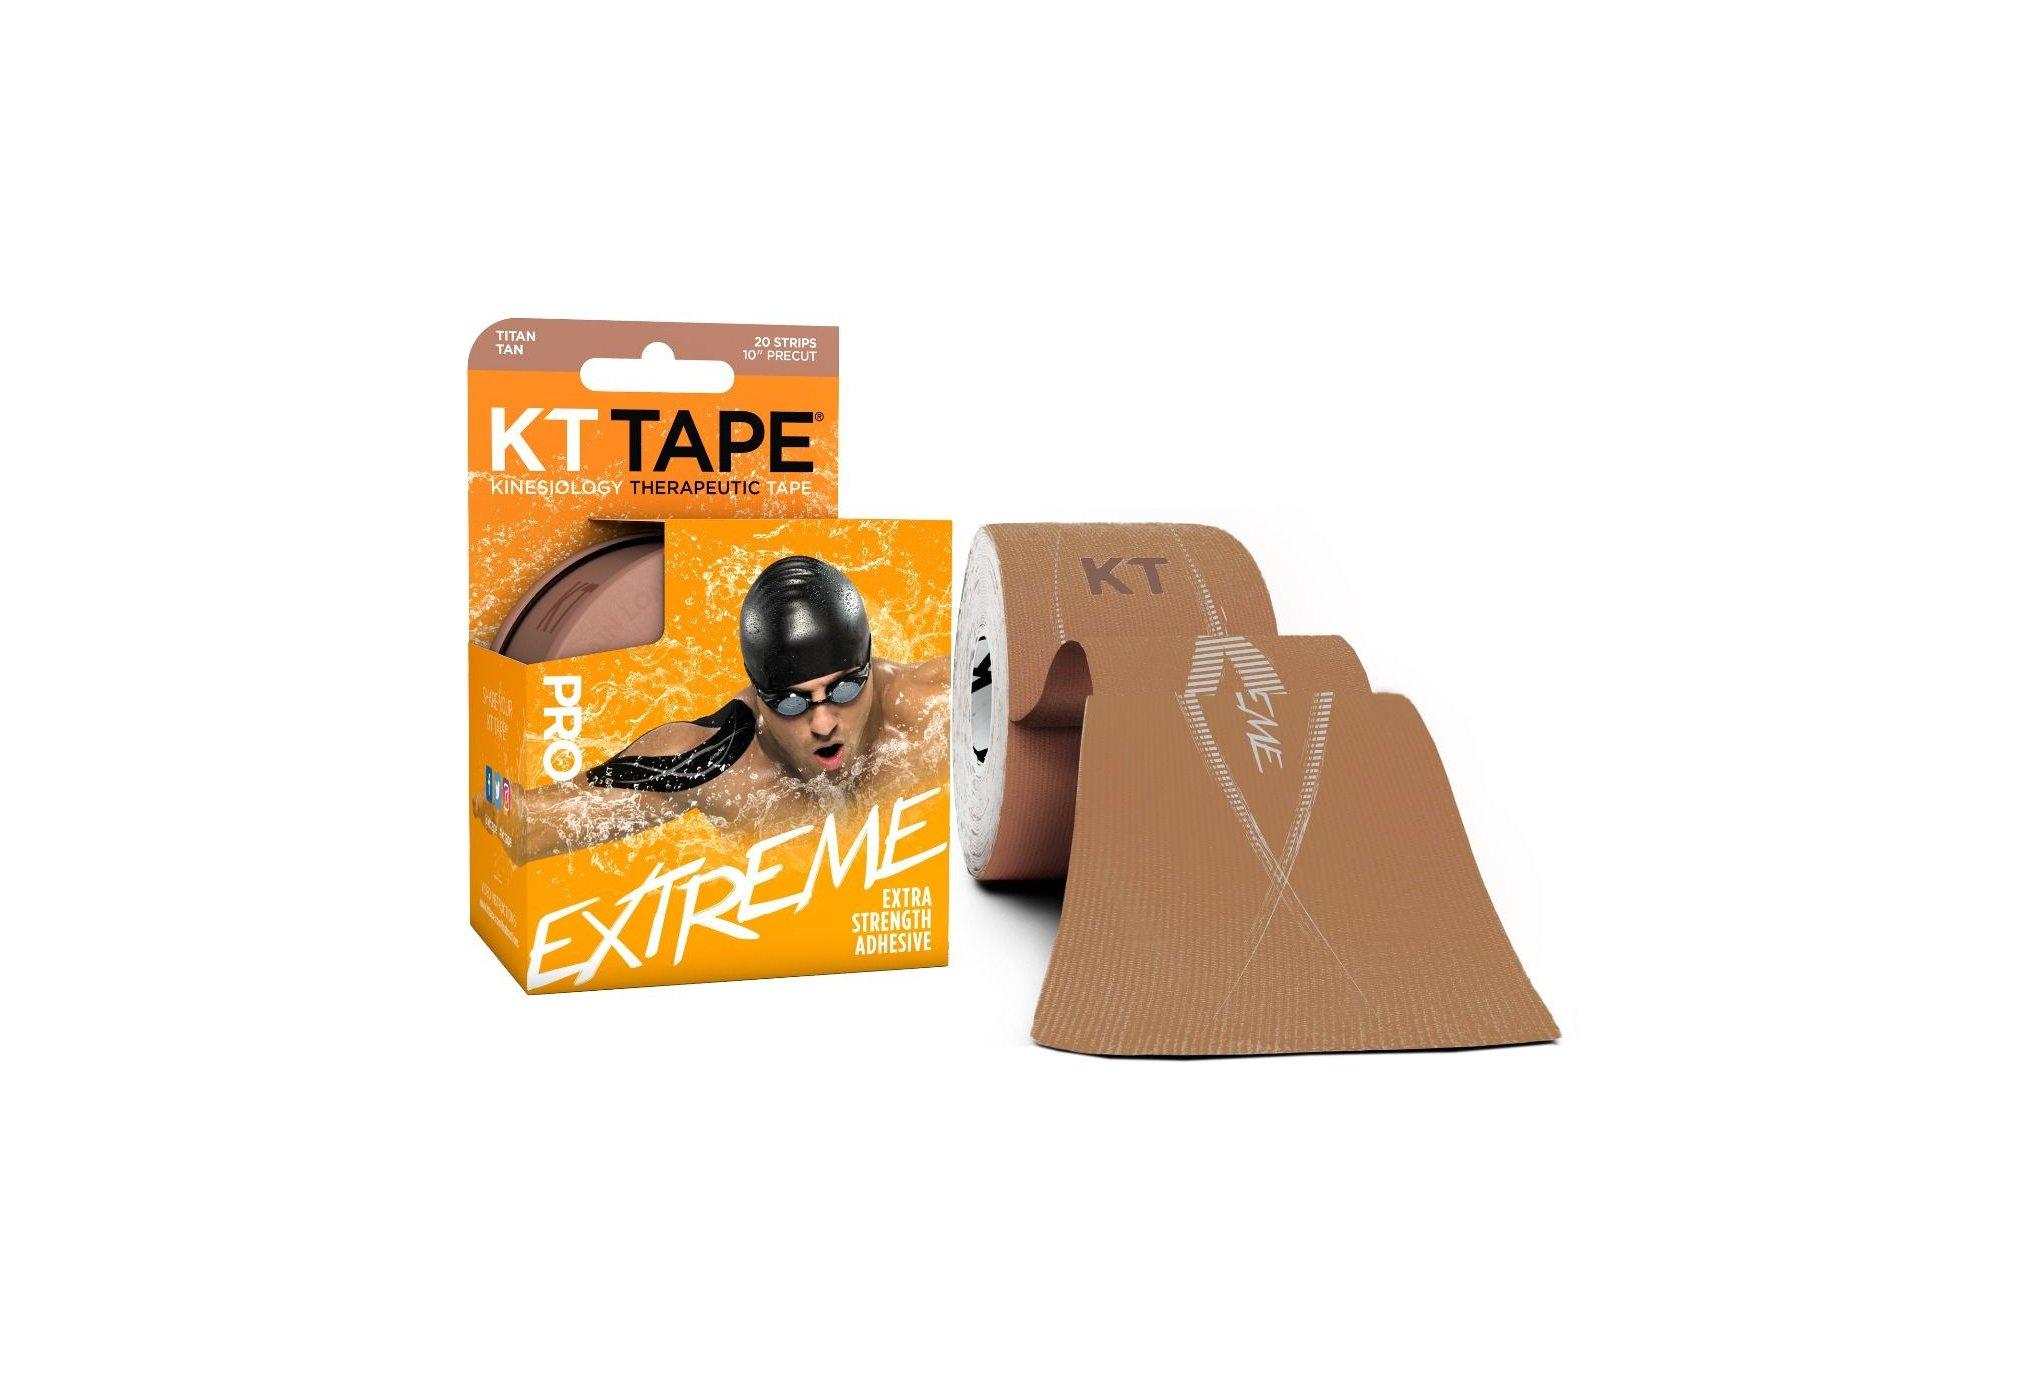 KT Tape PRO Extreme Prédécoupé Protection musculaire & articulaire